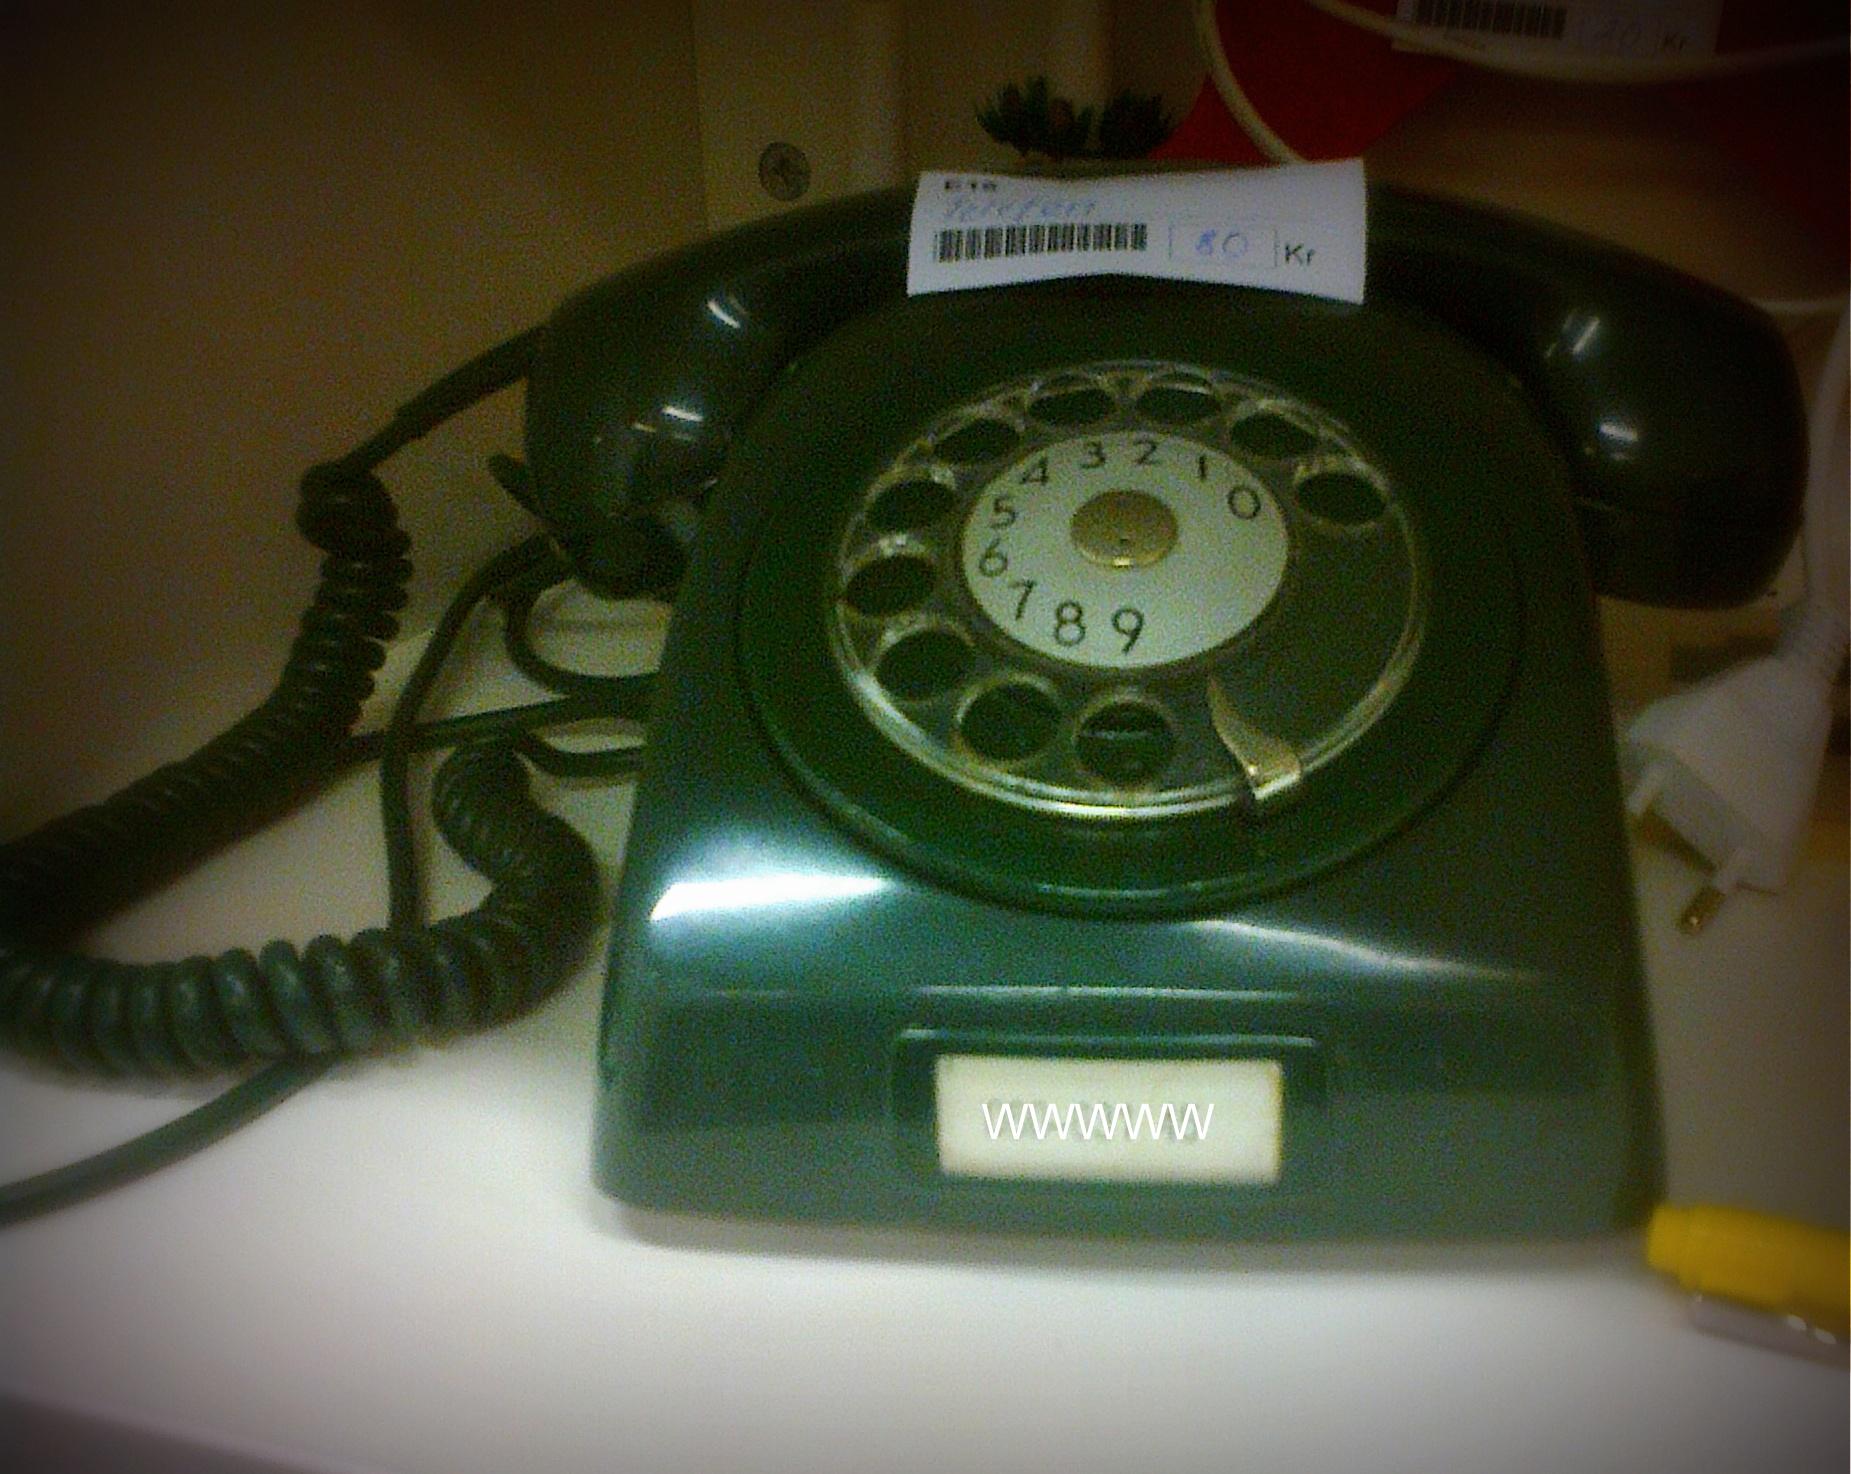 Telefon sexchatt linjen